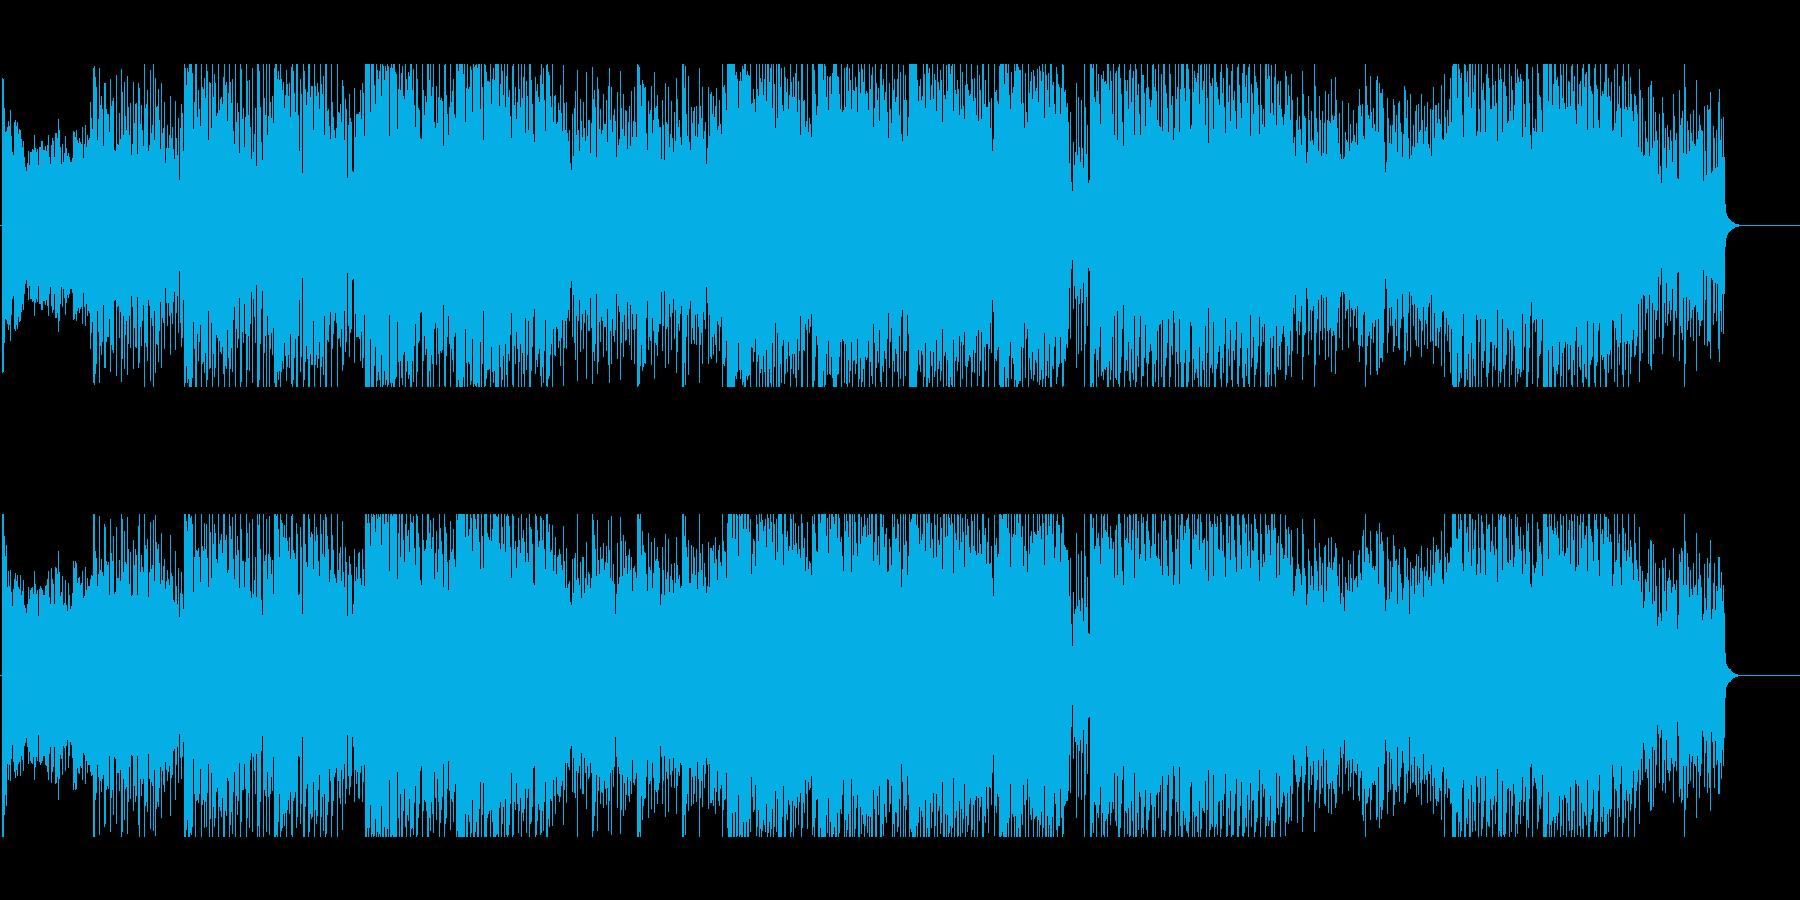 不安な夜を演出するサスペンス向けBGMの再生済みの波形